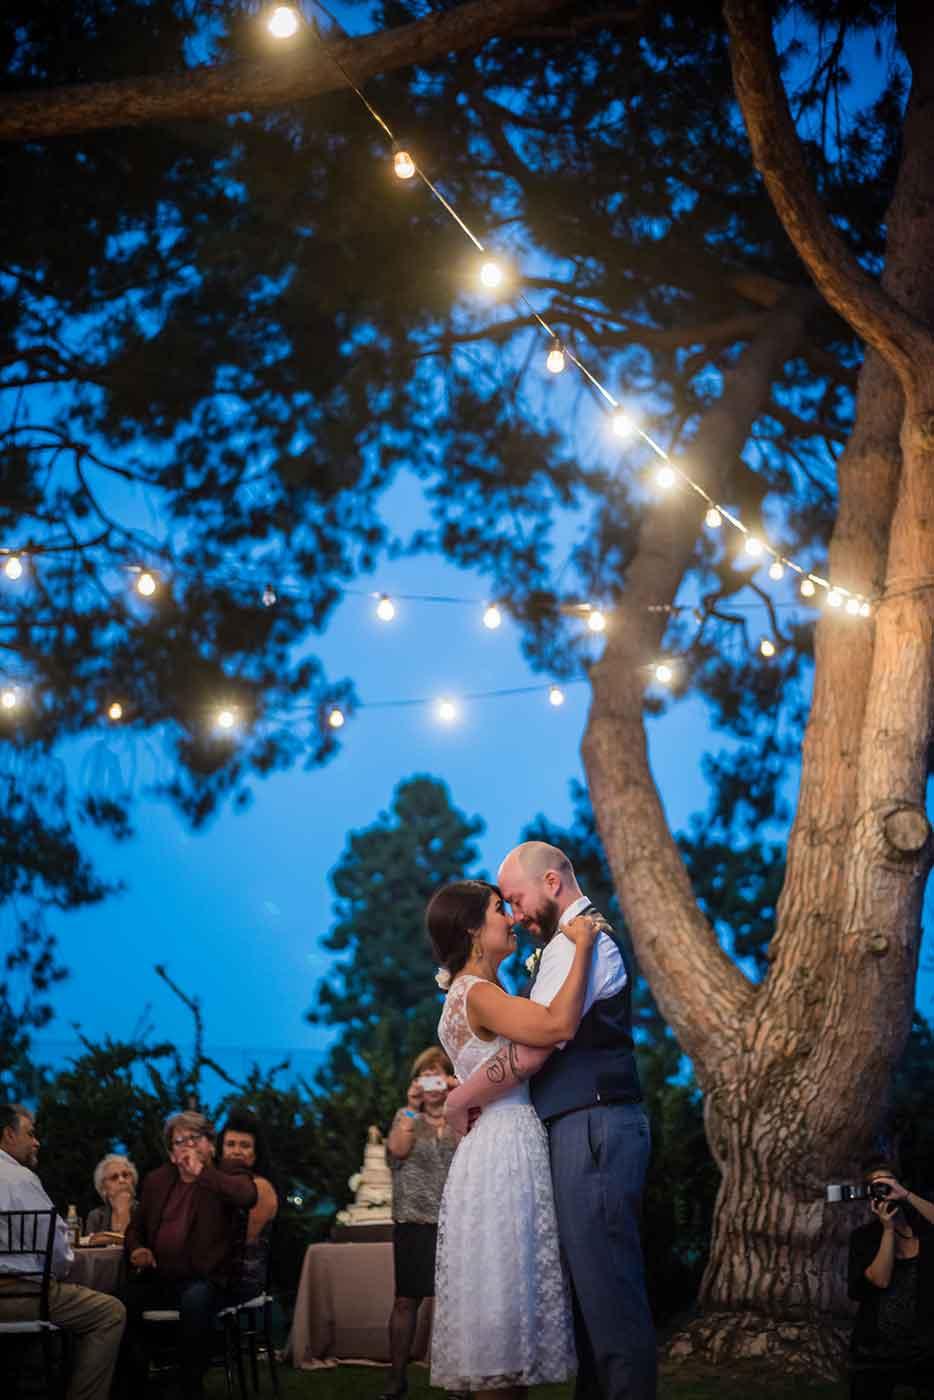 smlNahal-+-Joe-Wedding---Aug-2015-141.jpg